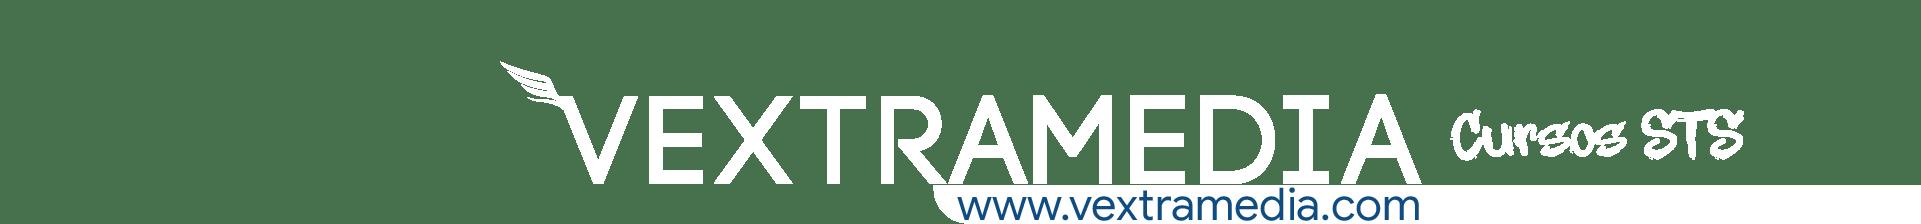 cabecera-cursos-sts-vextramedia-